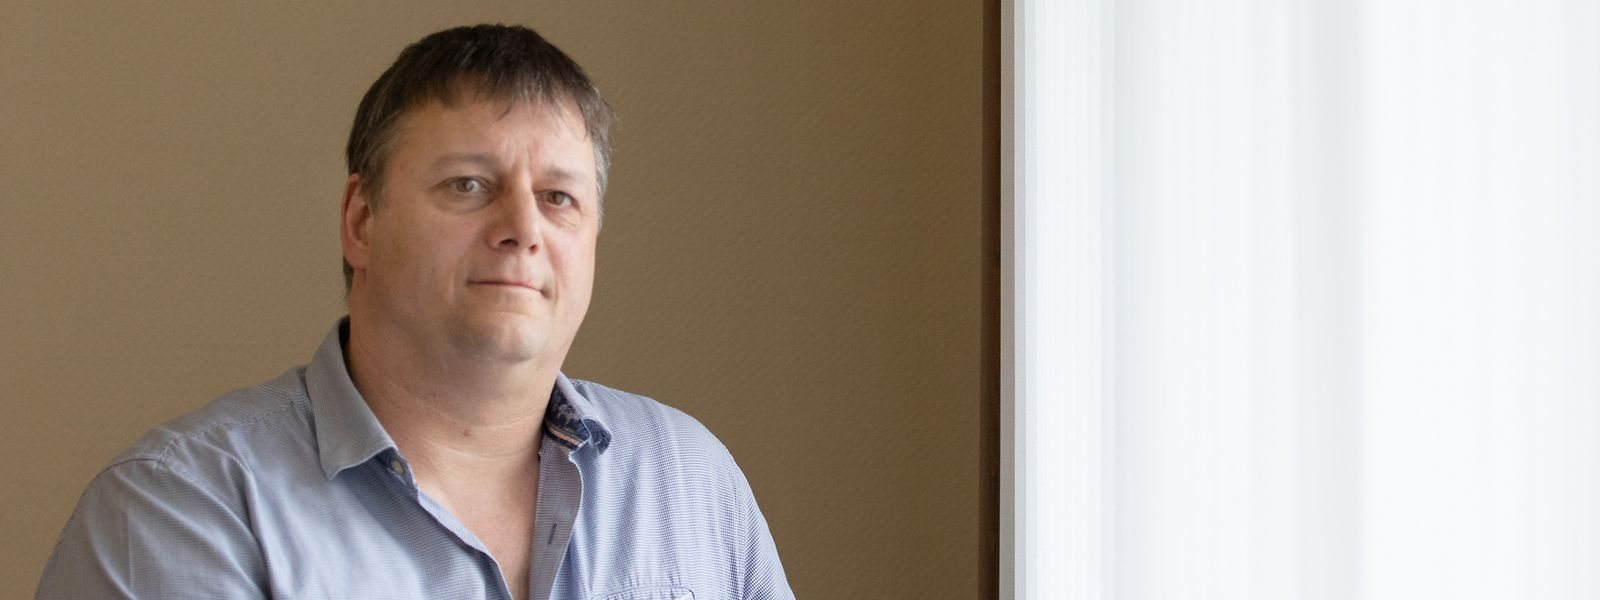 Didier Lejeune participe depuis septembre 2019 au Conseil citoyen instauré dans la partie germanophone de la Belgique.